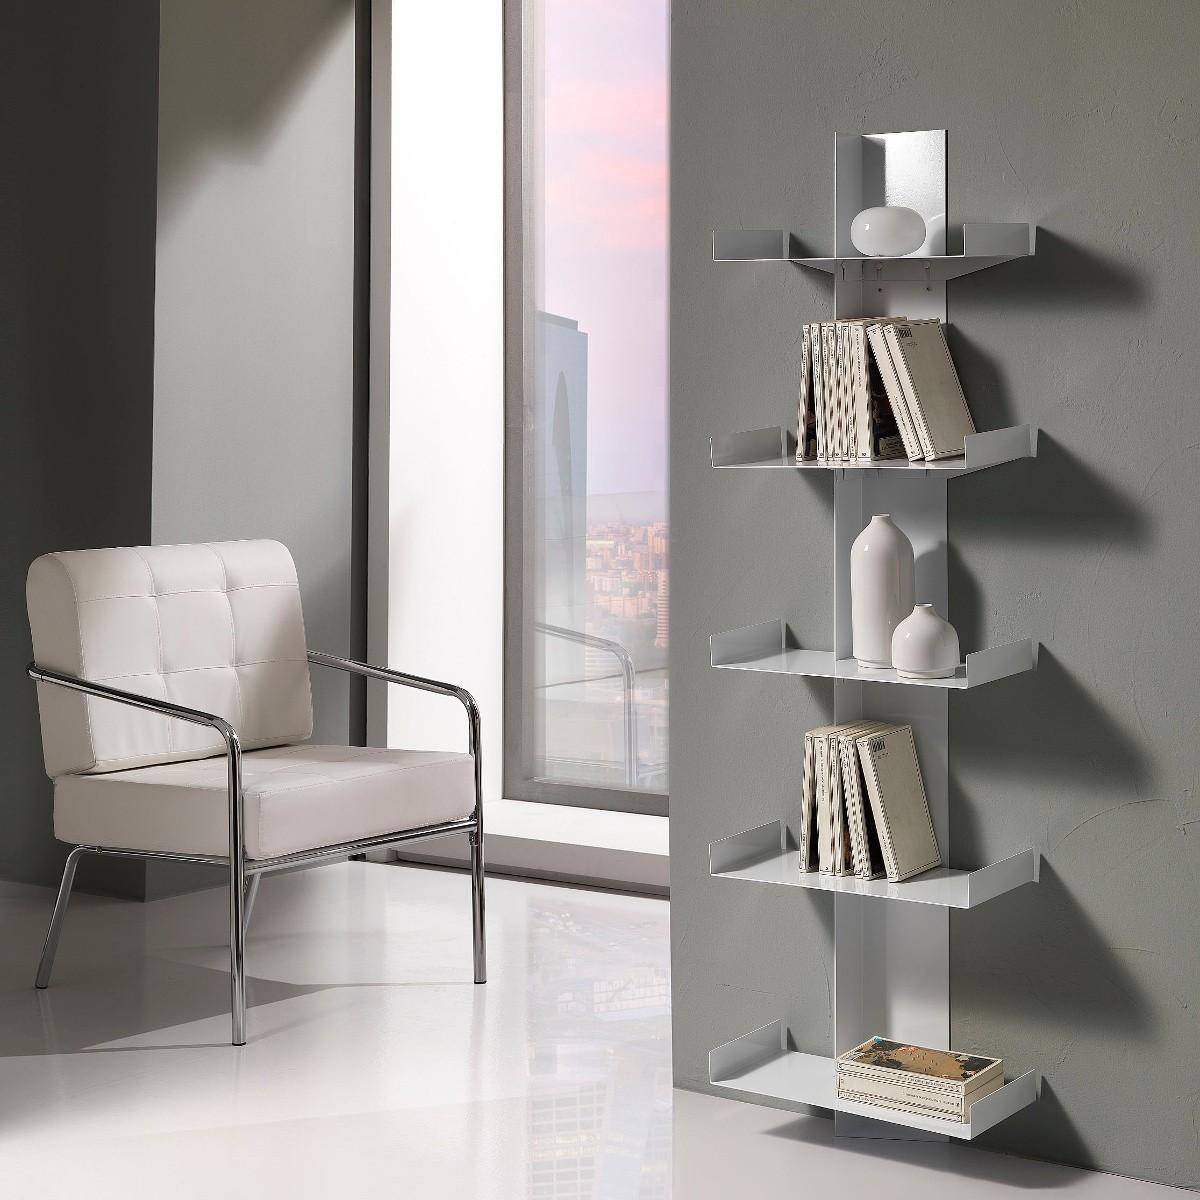 Libreria da parete karyn a colonna in metallo 45 x 160 cm for Librerie di design a parete